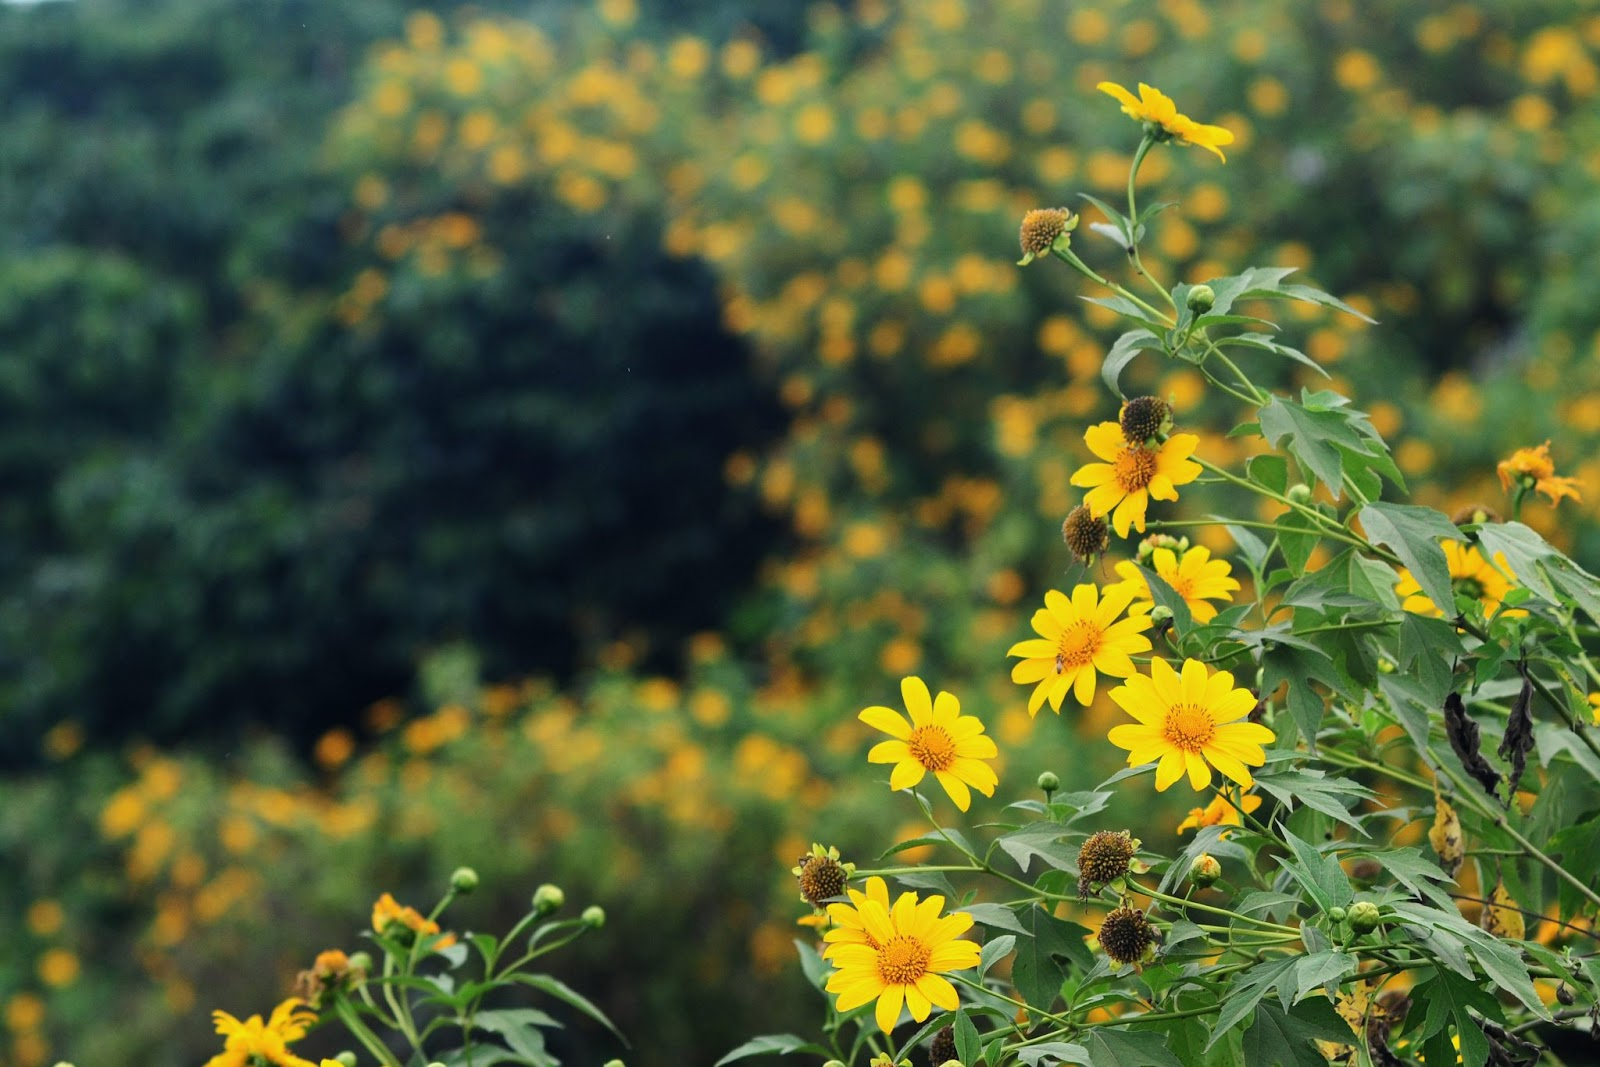 Hoa dã quỳ vàng rực cả một góc đường